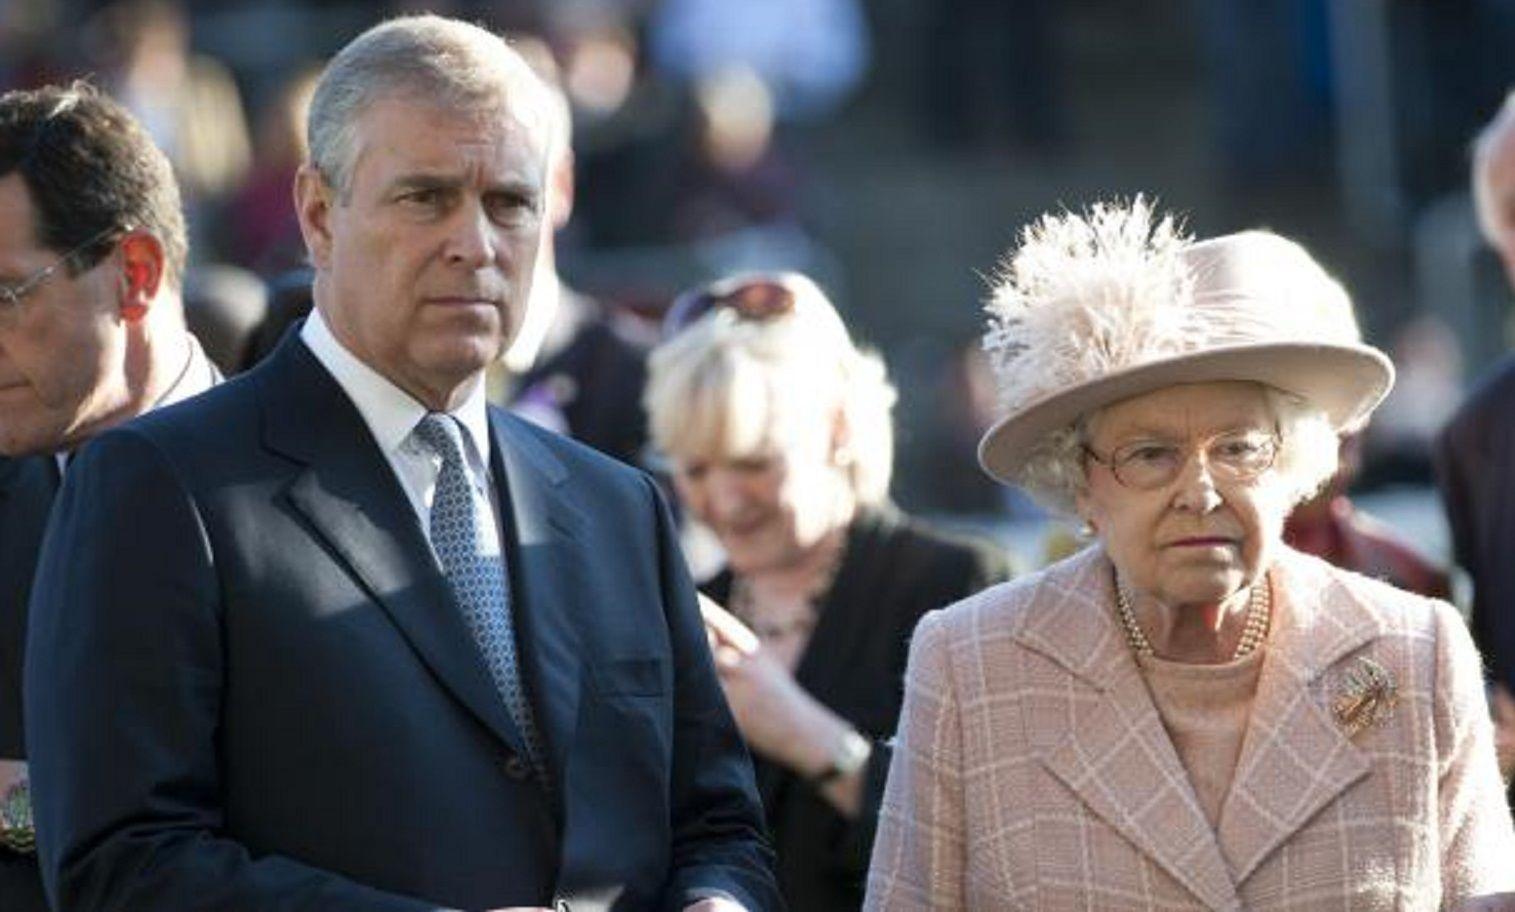 Una mujer denunció al príncipe Andrés por abuso sexual